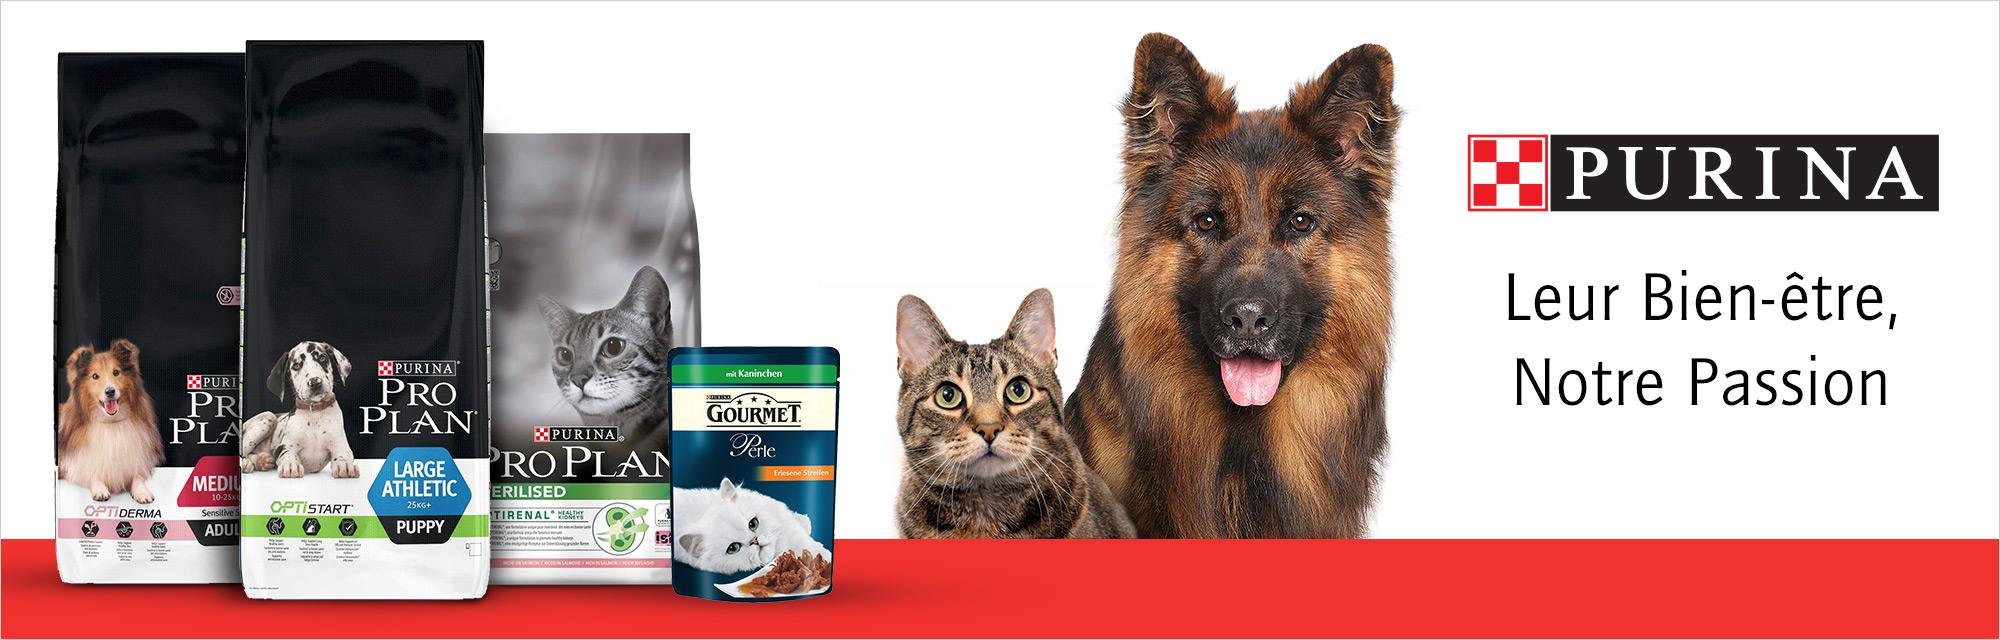 Purina Pro Plan Aliments pour chiens et chats